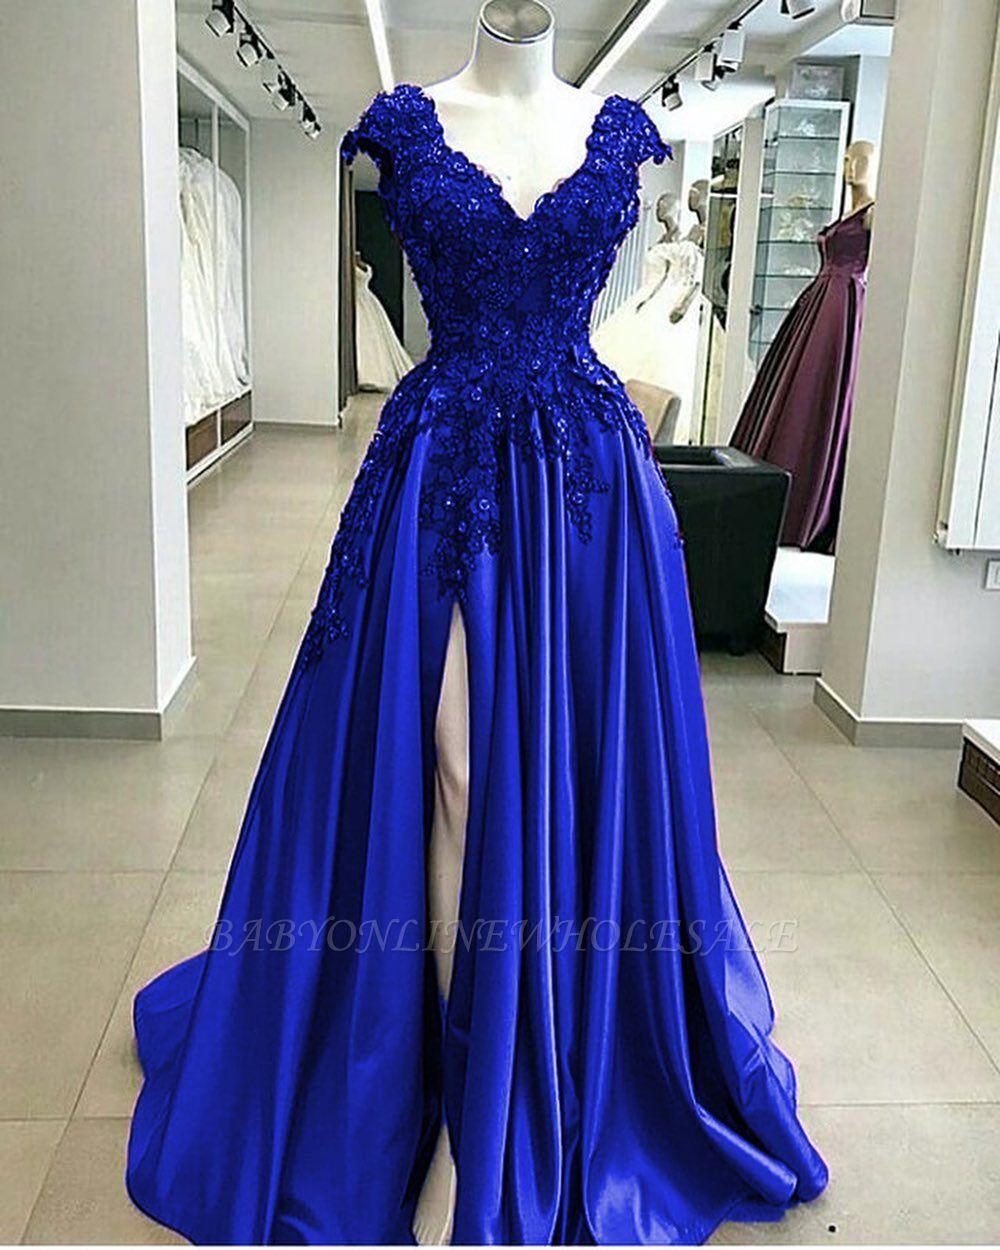 Robes de soirée trapèze bleu royal à manches longues et col en V